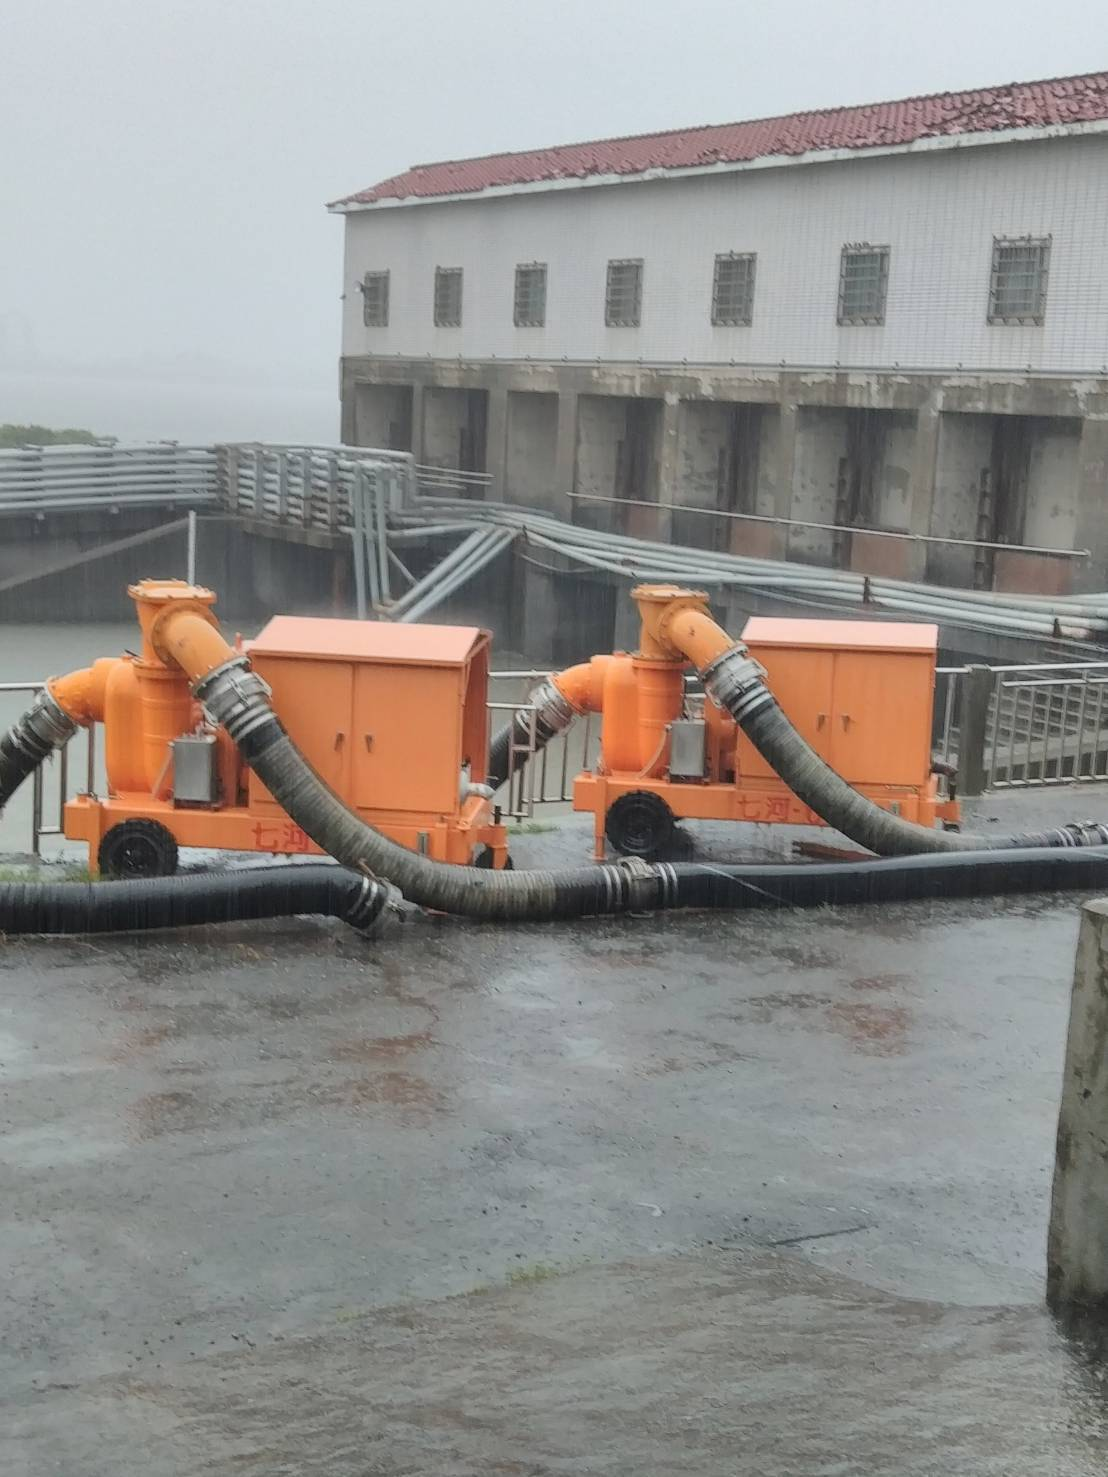 水利署第七河川局今天支援2台抽水機至屏東縣林邊鄉抽水站協助抽水。圖/水利署提供